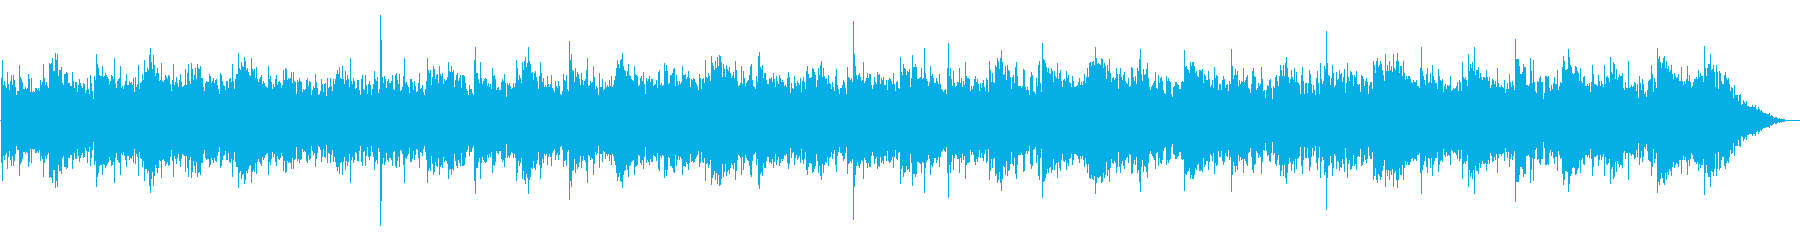 【良雰囲気・生音】しっとりアコギBGMの再生済みの波形